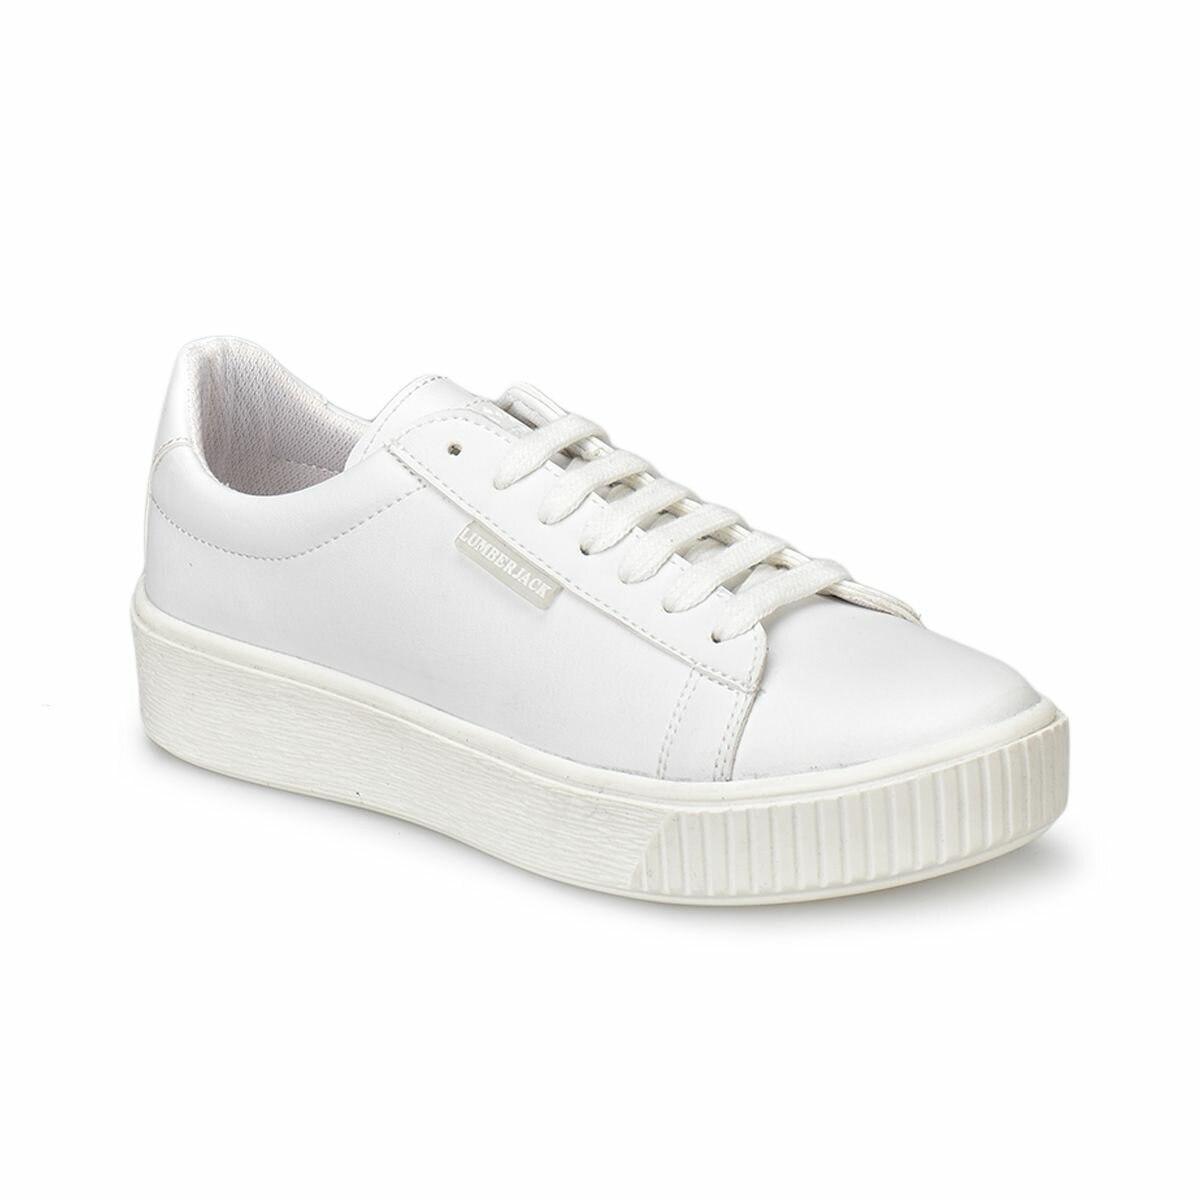 FLO CANDY White Women 'S Sneaker Shoes LUMBERJACK